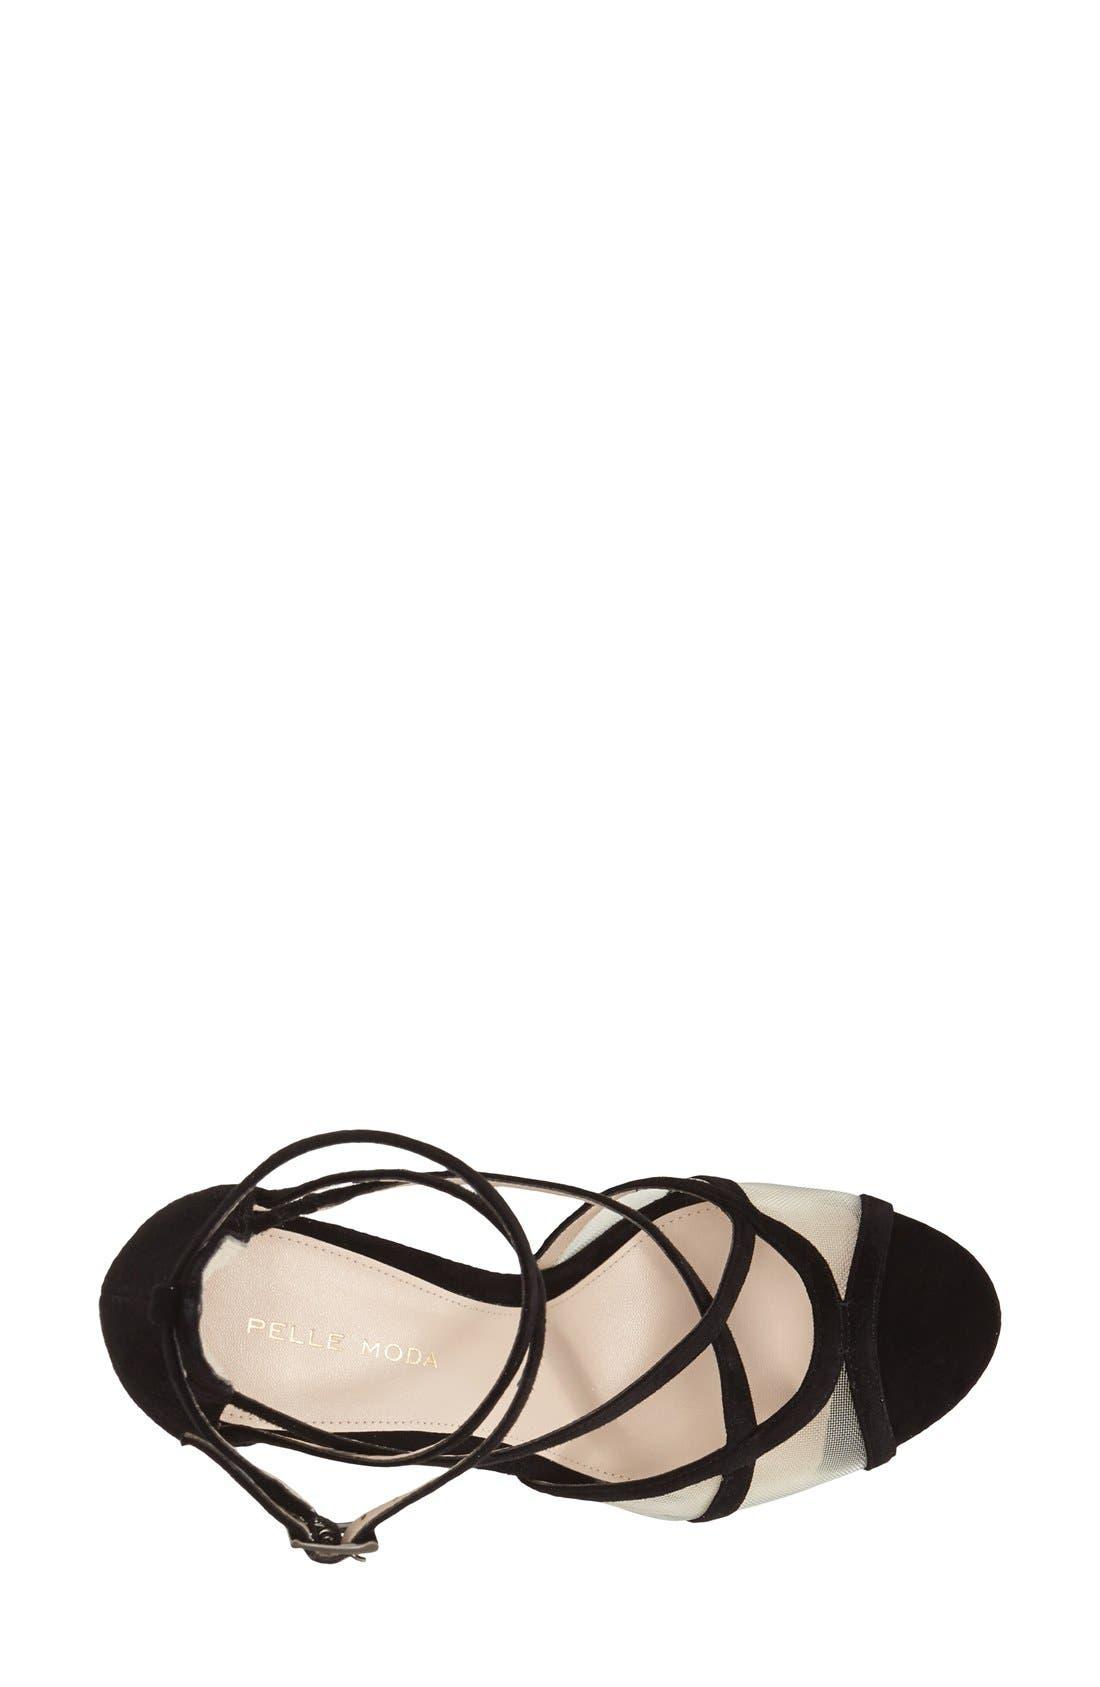 Alternate Image 3  - Pelle Moda 'Everly' Sandal (Women)